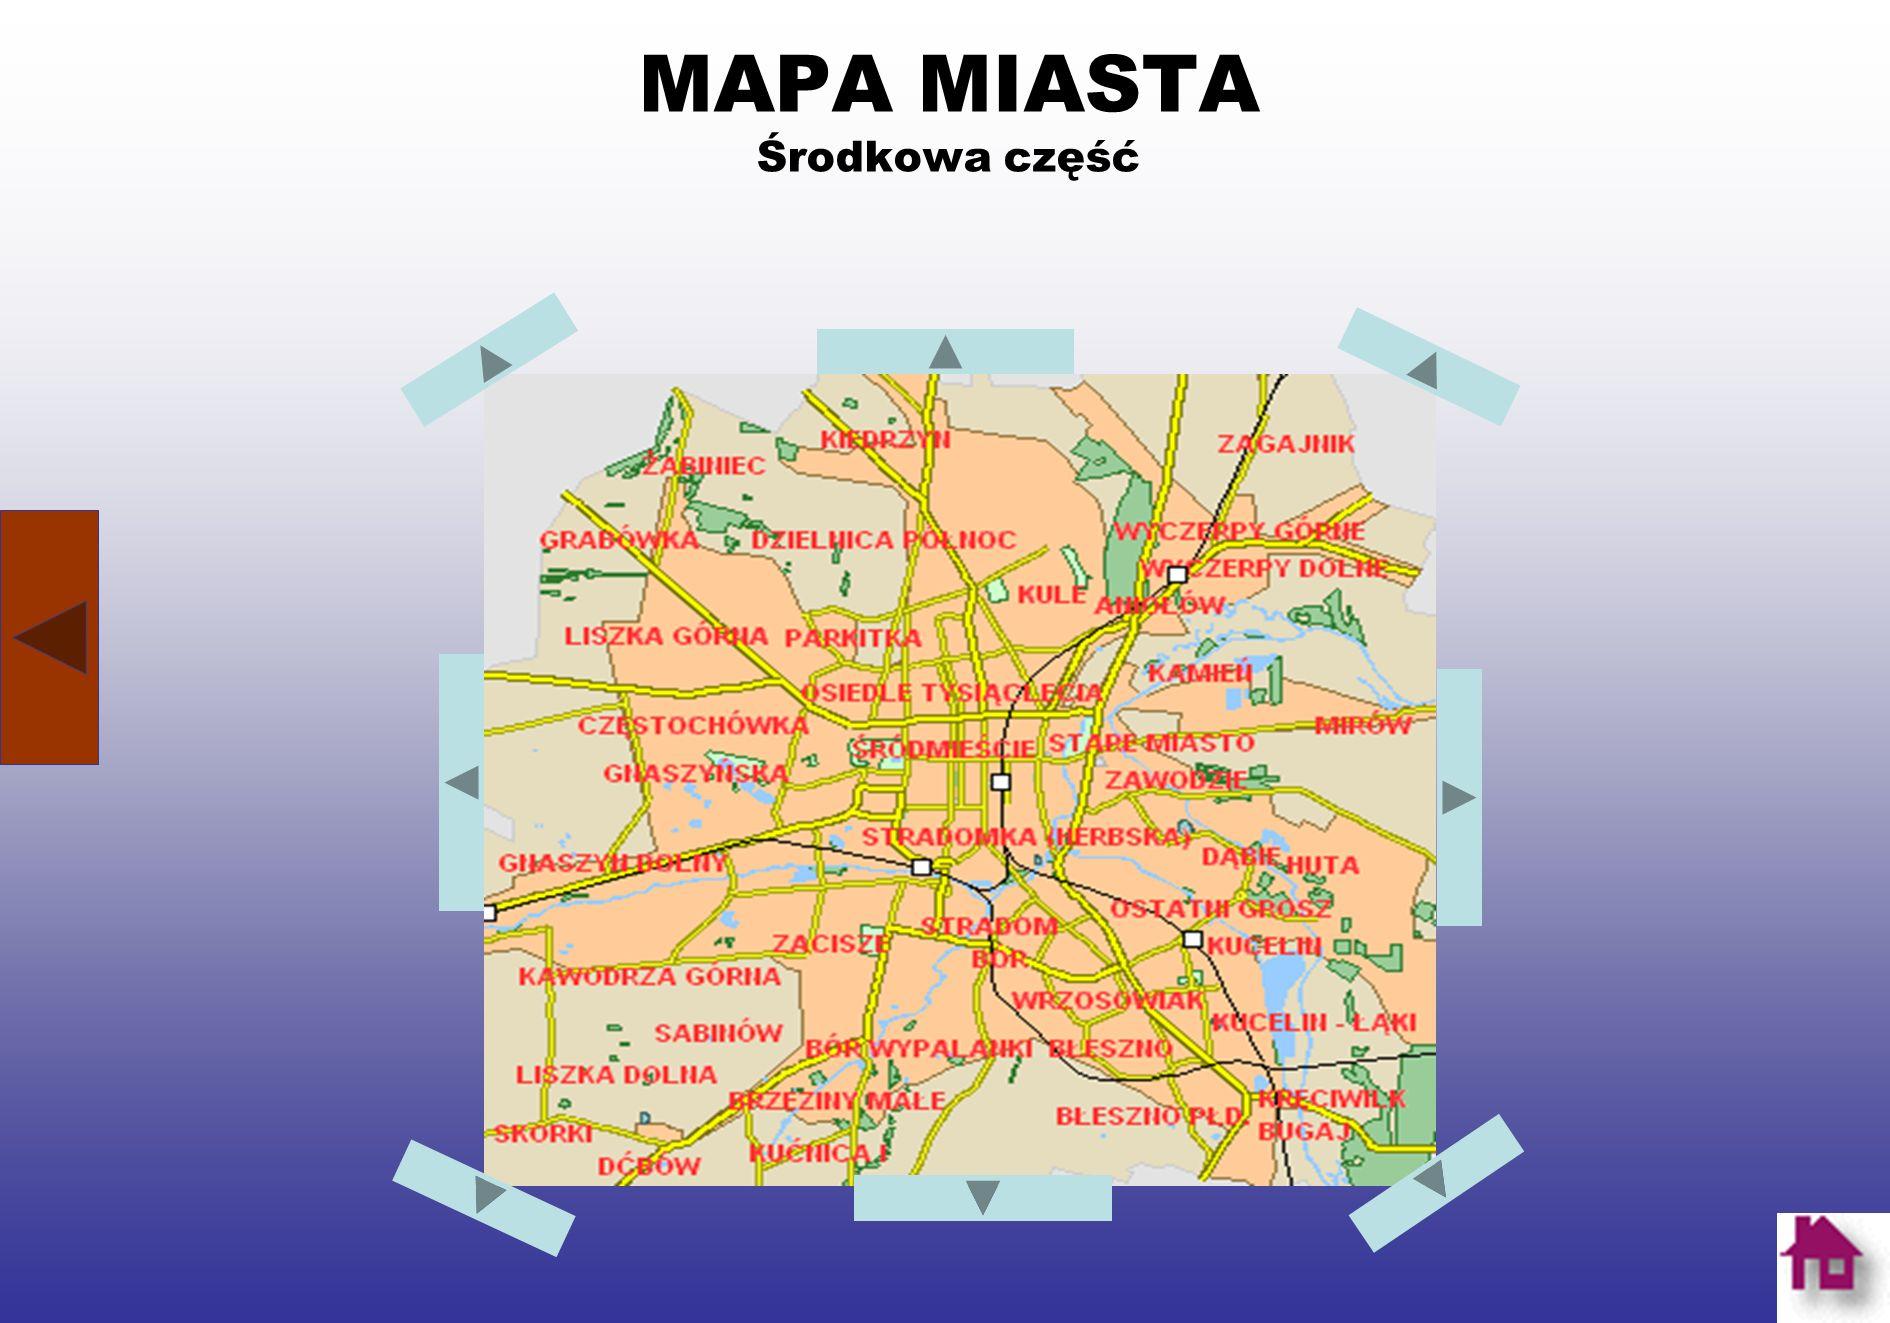 O CZĘSTOCHOWIE Częstochowa leży na Wyżynie Krakowsko-Częstochowskiej nad Wartą. Miasto liczy ok. 255 000 mieszkańców i ma powierzchnię 160 km2. Okolic